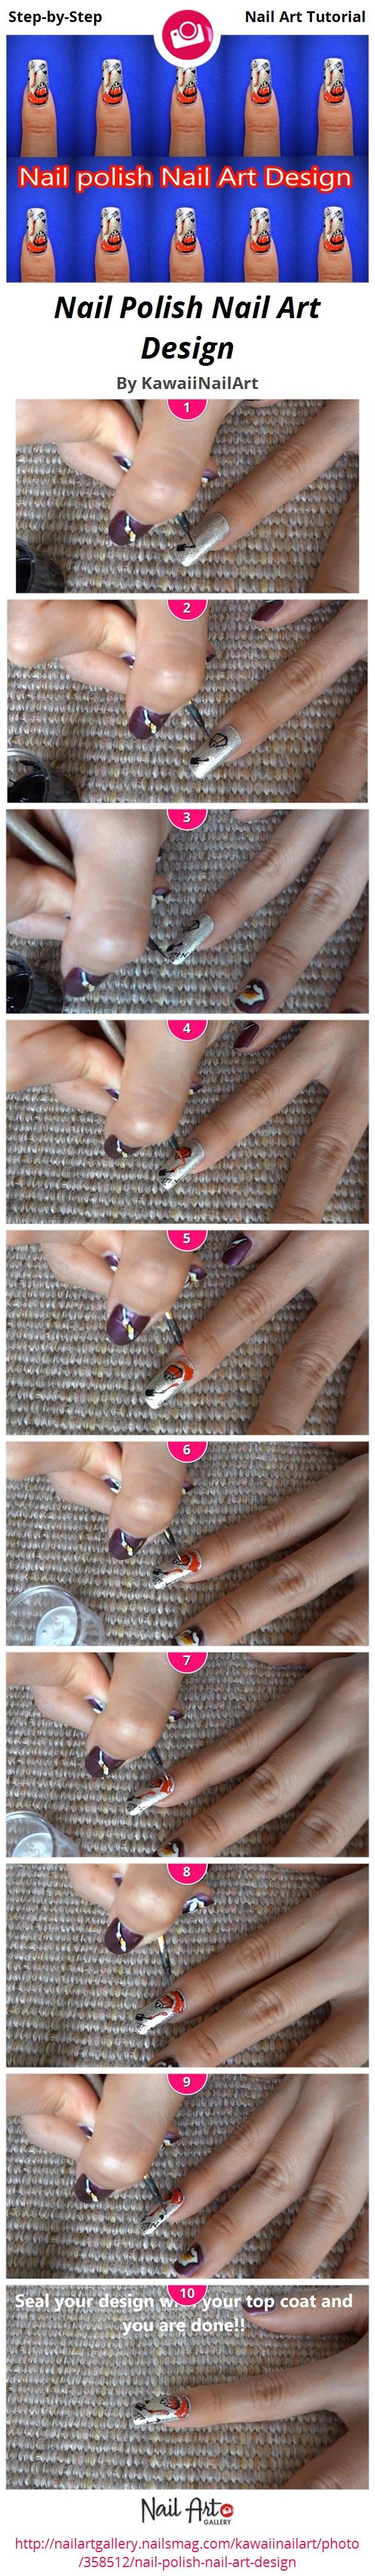 Nail Polish Nail Art Design - Nail Art Gallery